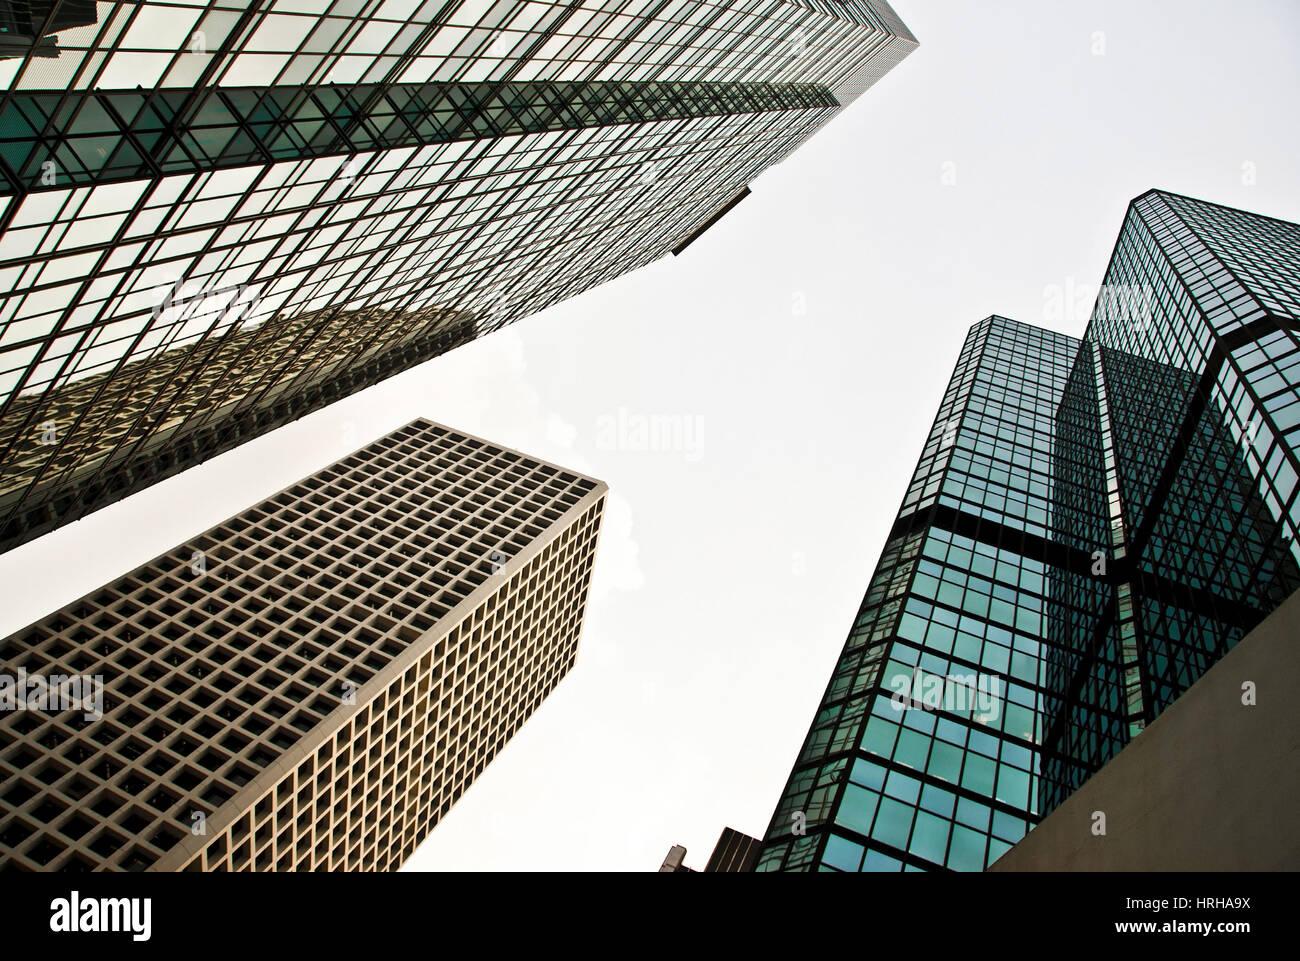 Wolkenkratzer, Hongkong, China - high rise buidling, Hongkong China - Stock Image